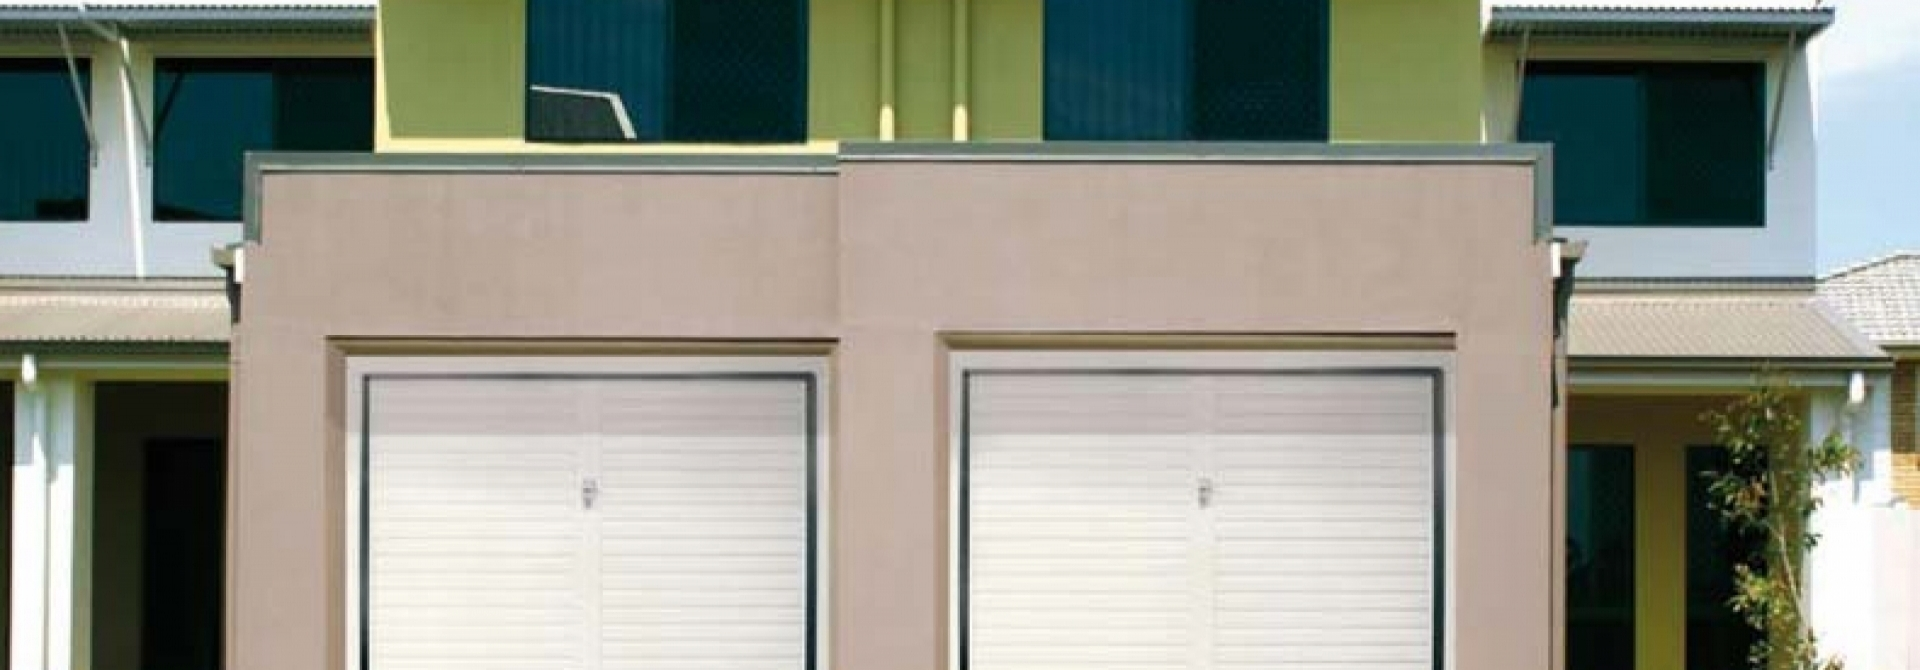 Portoni garage bologna portoni basculanti per garage portoni sezionabili per garage - Porte finestre bologna ...